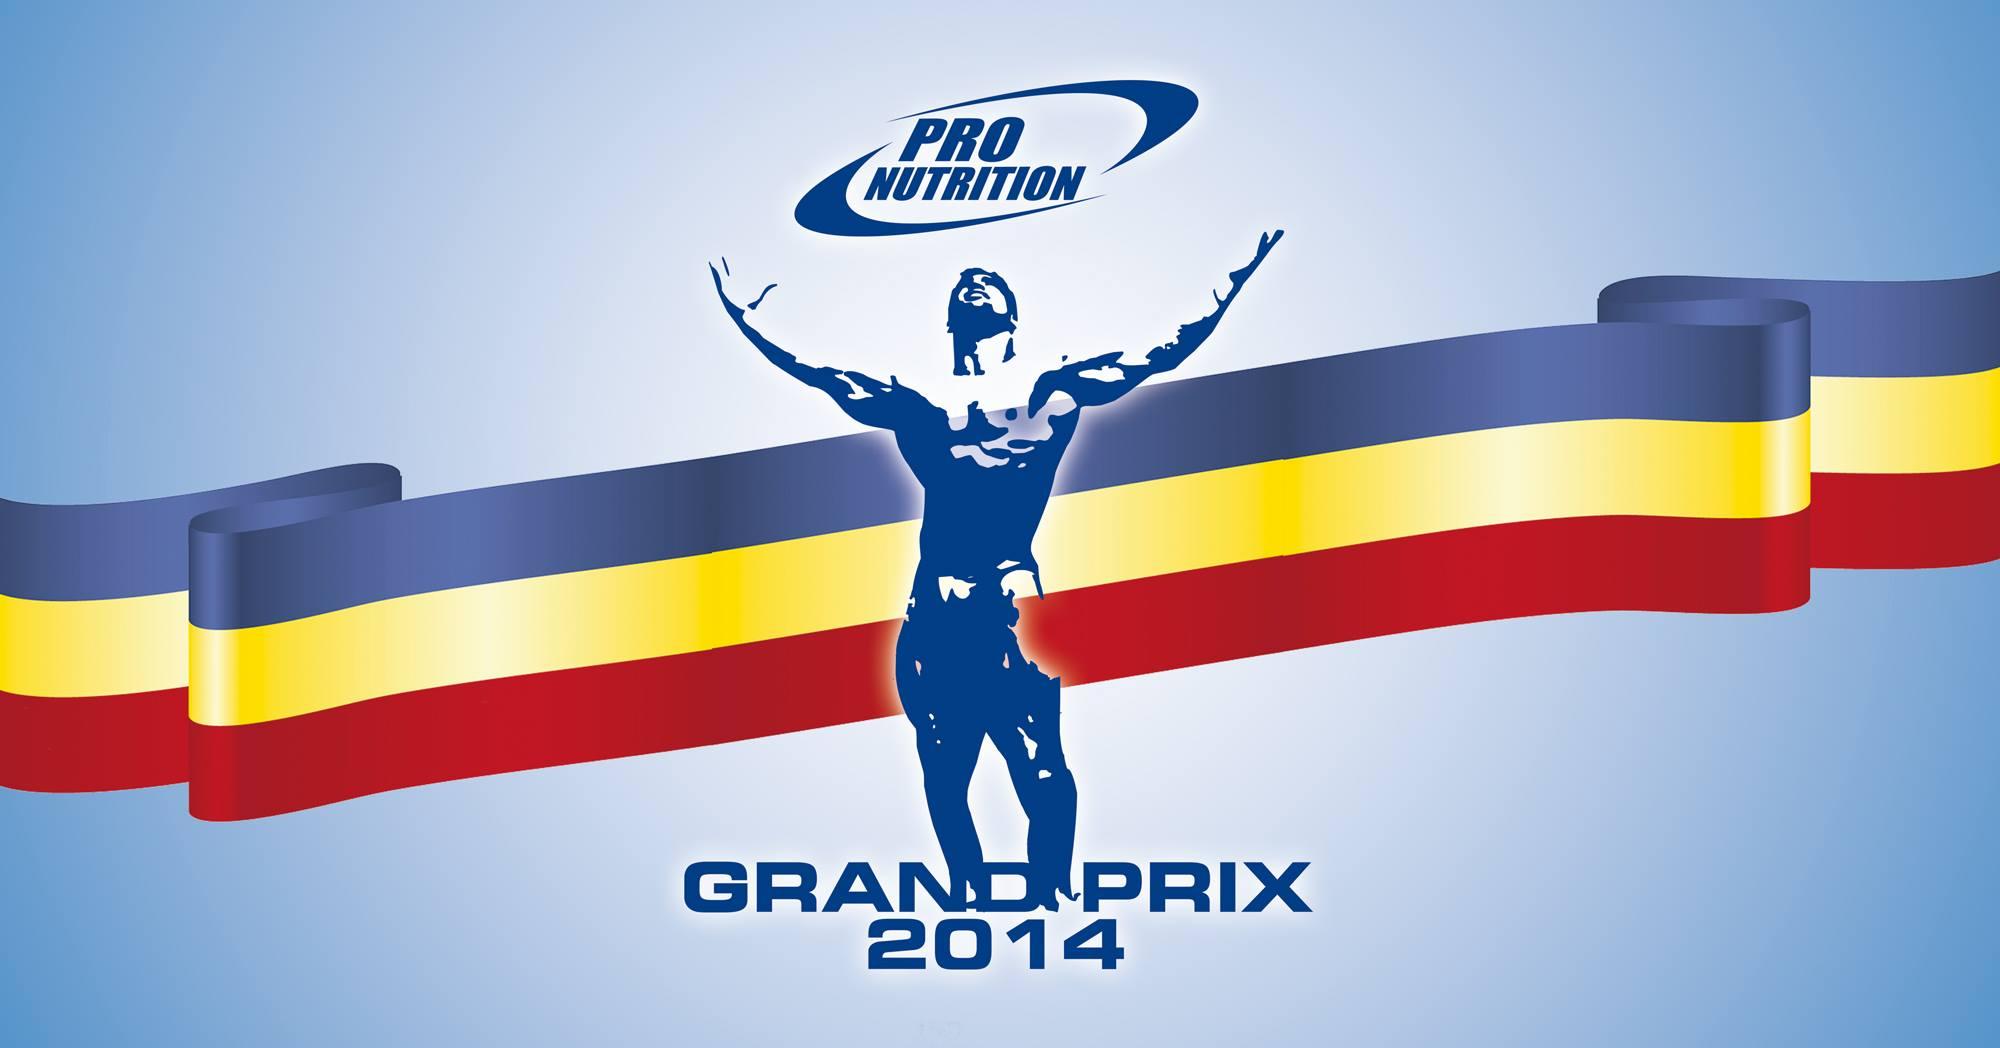 grand prix pro nutrition 2014